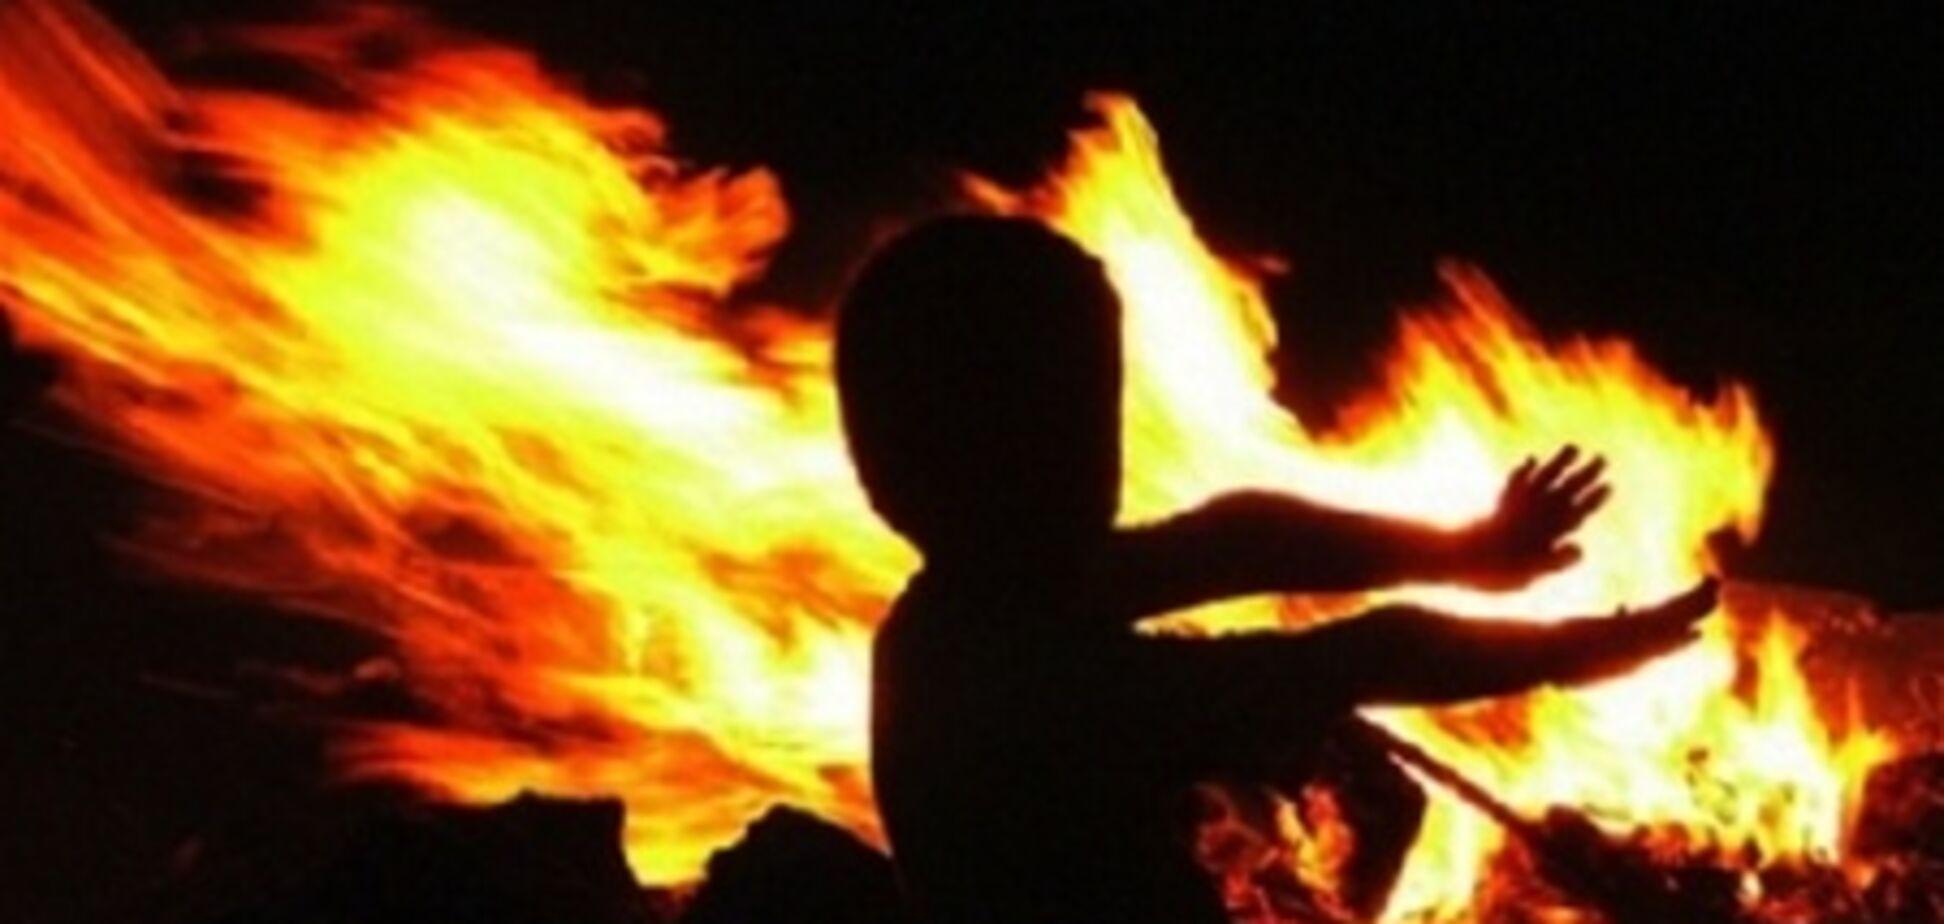 На Вінниччині дитина обпік обличчя, граючи з бензином